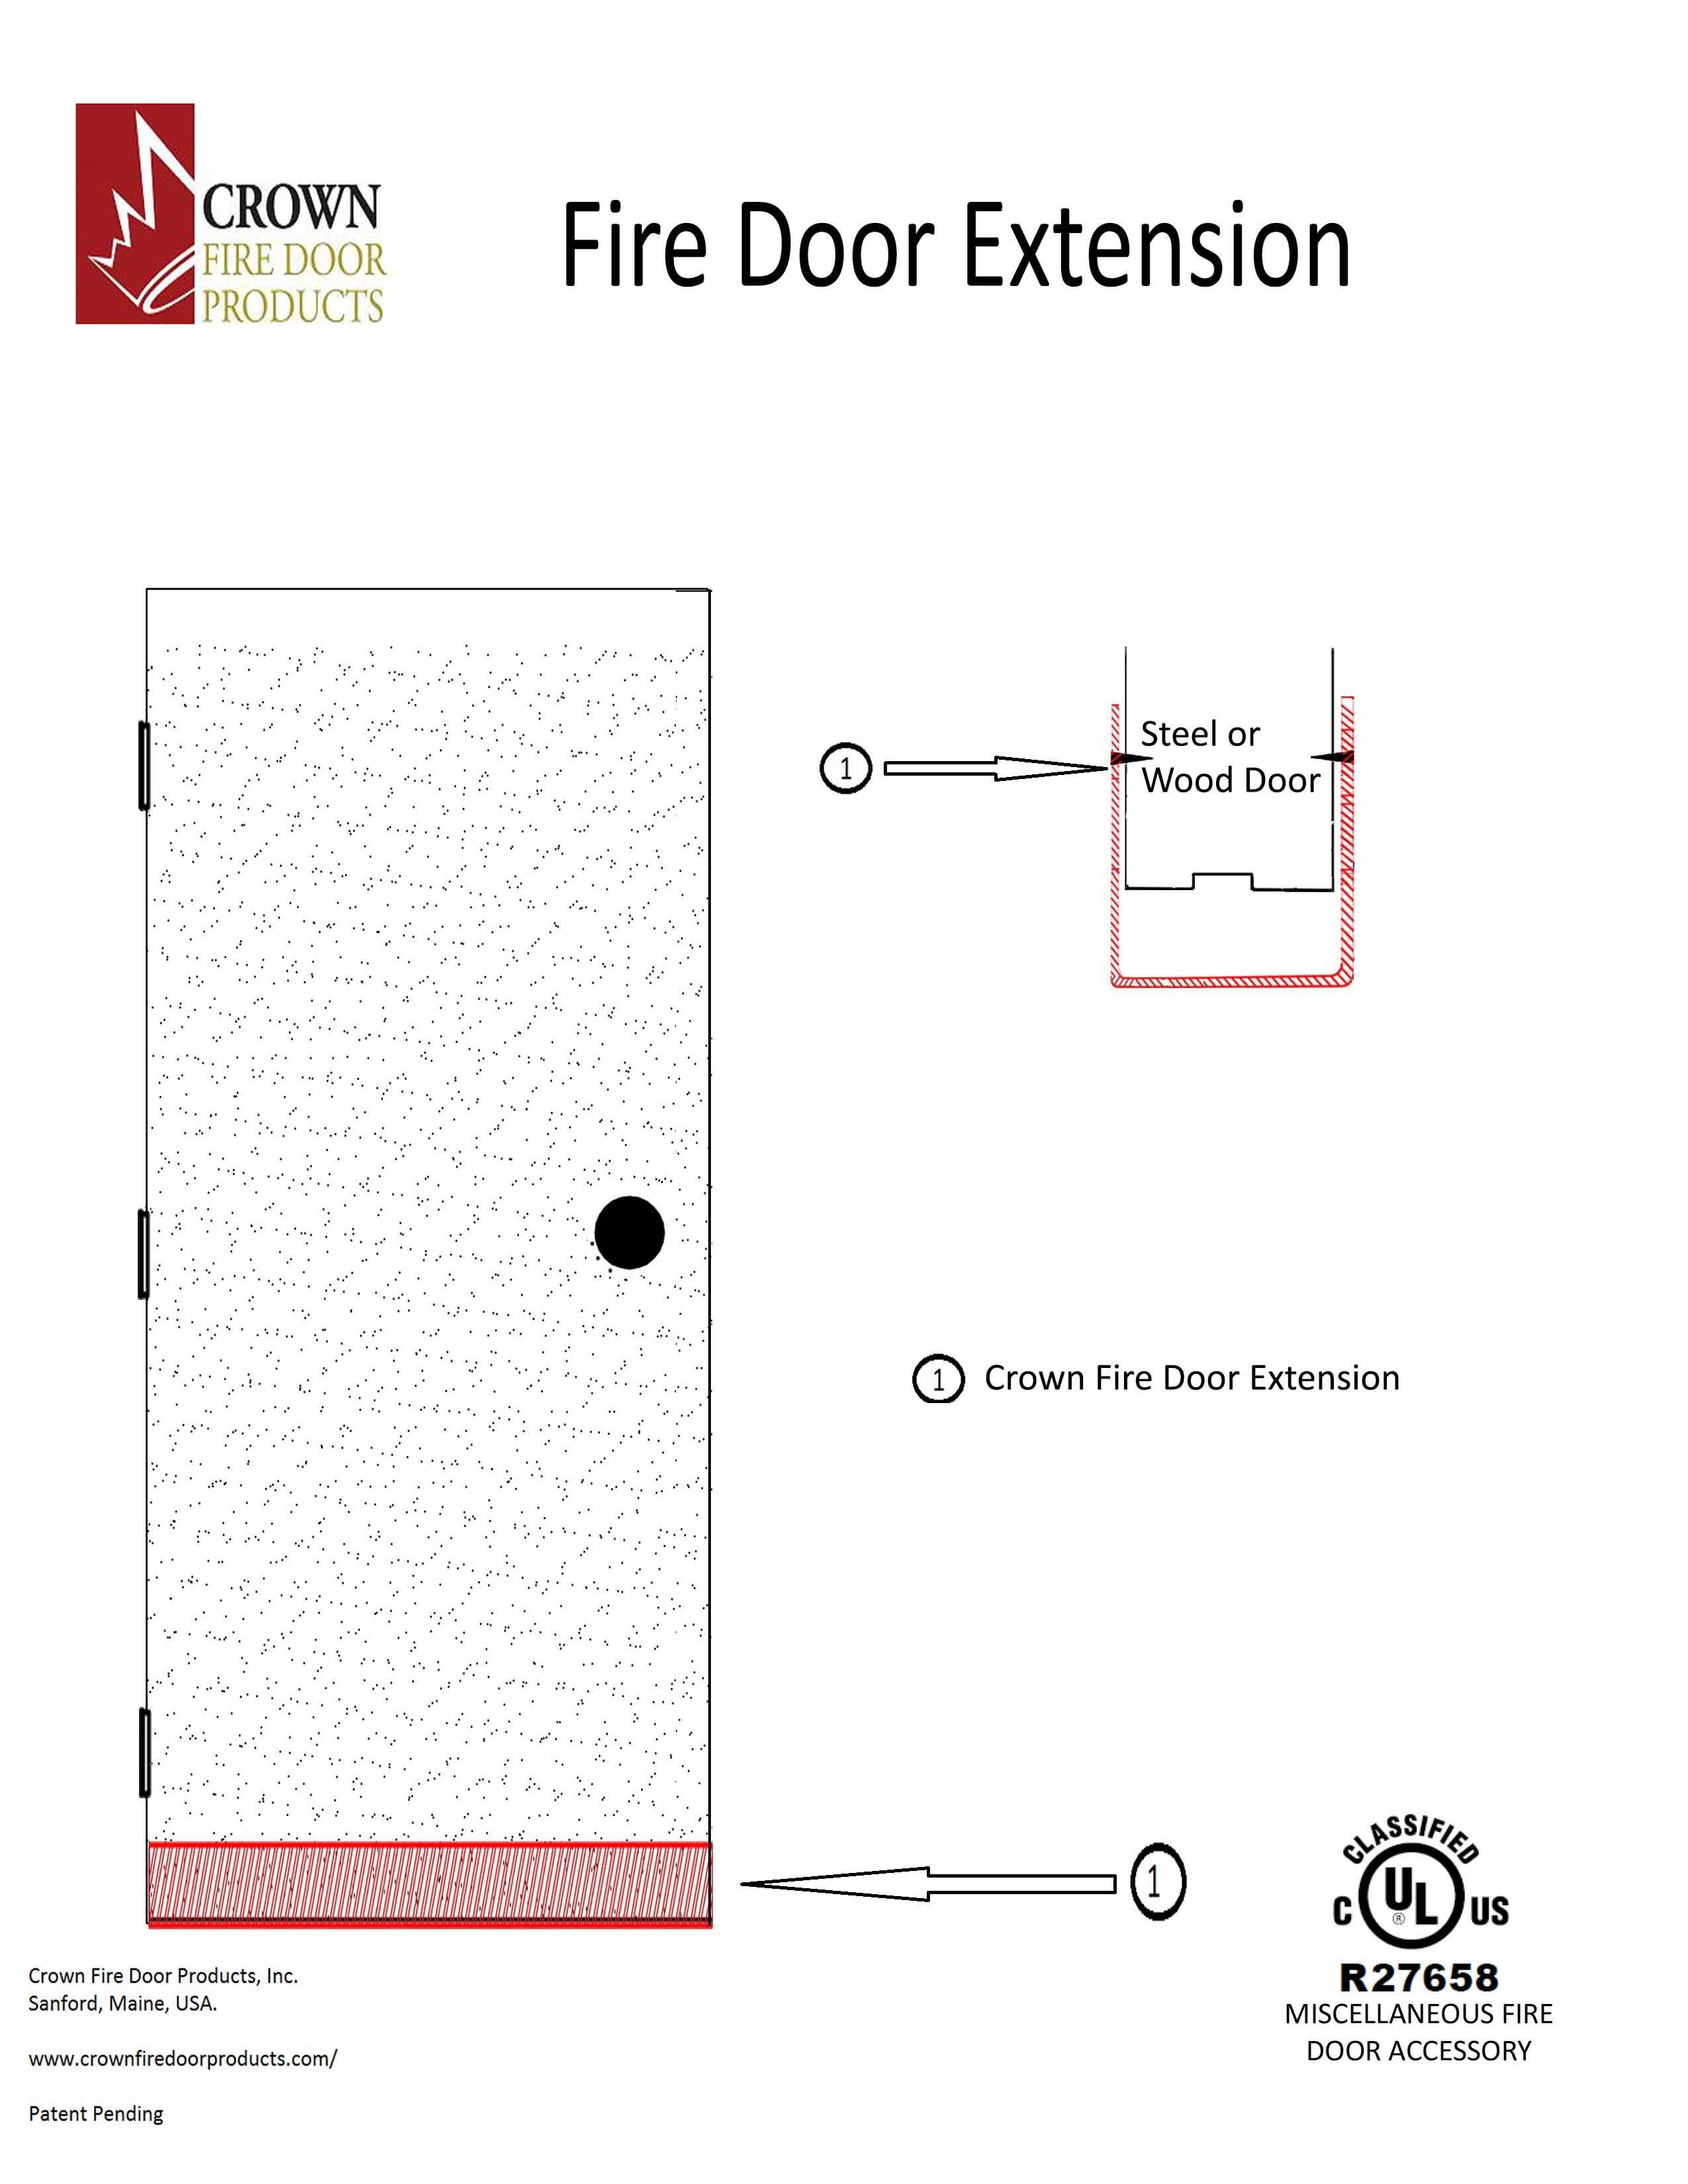 fire-door-extension  sc 1 st  Crown Fire Door Products & Fire Door Extension - Crown Fire Door Products